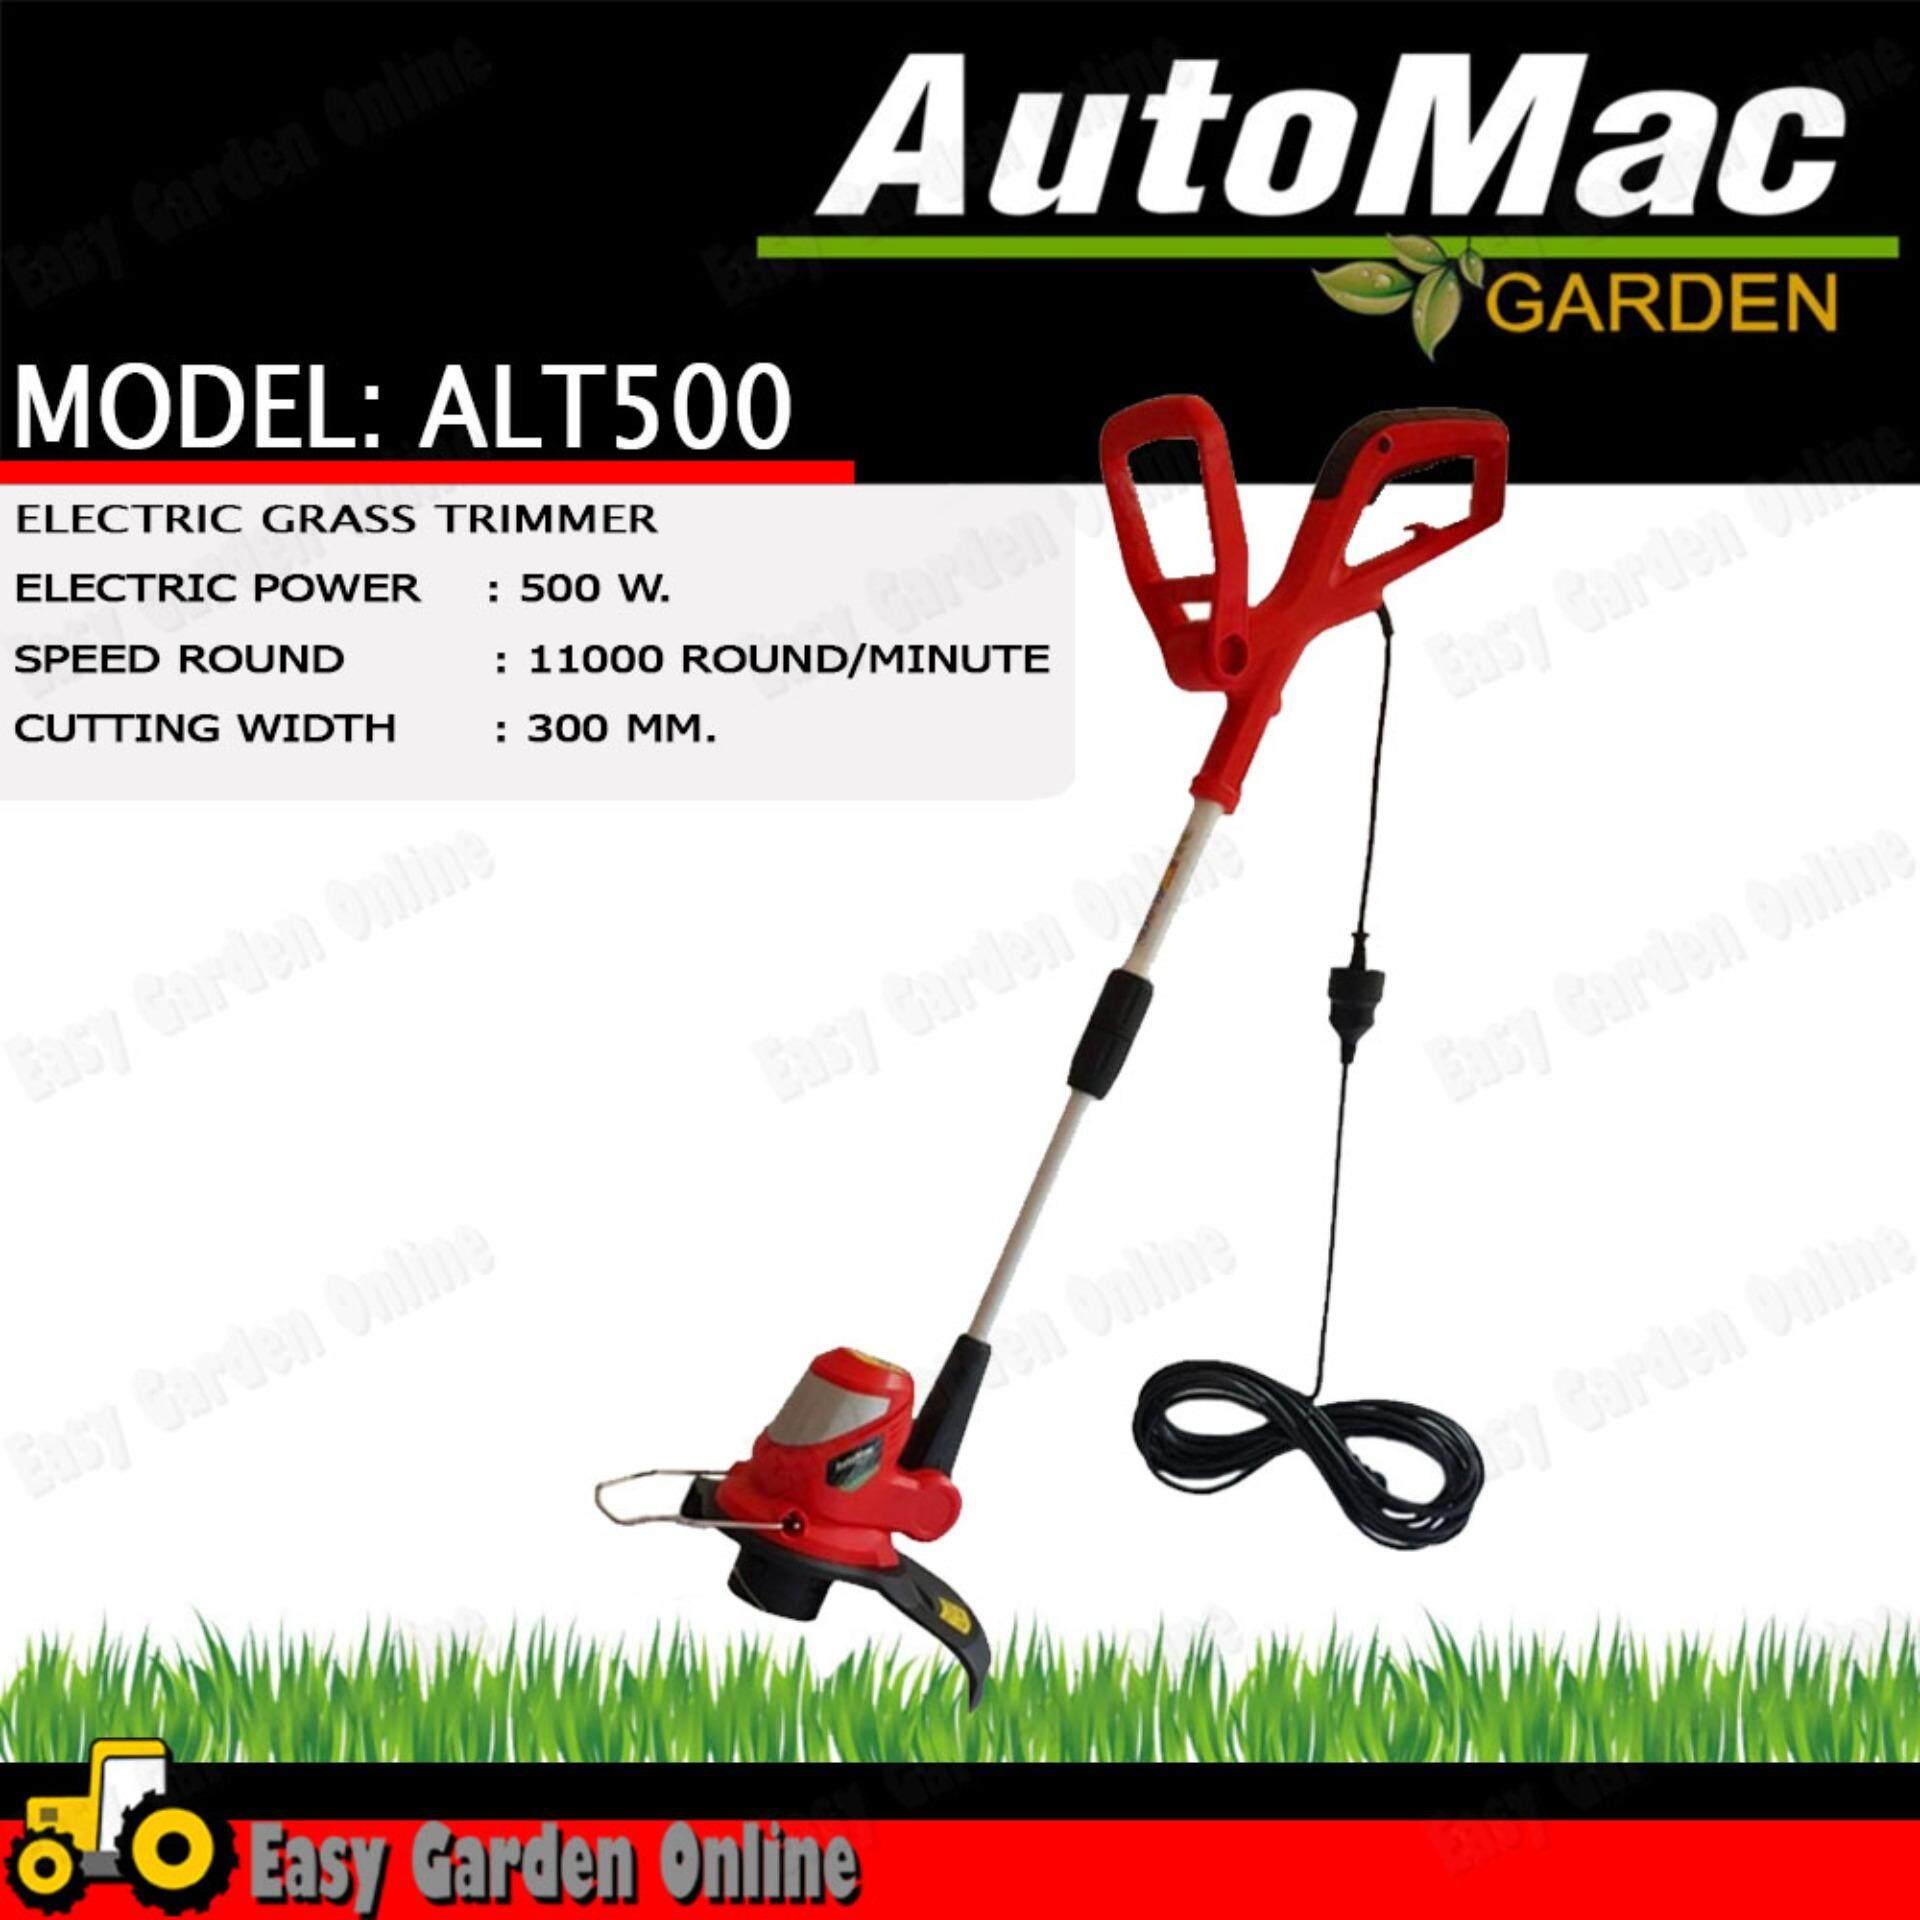 Automac เครื่องเล็มหญ้าไฟฟ้า ขนาด 500 วัตต์ รุ่น Alt500.